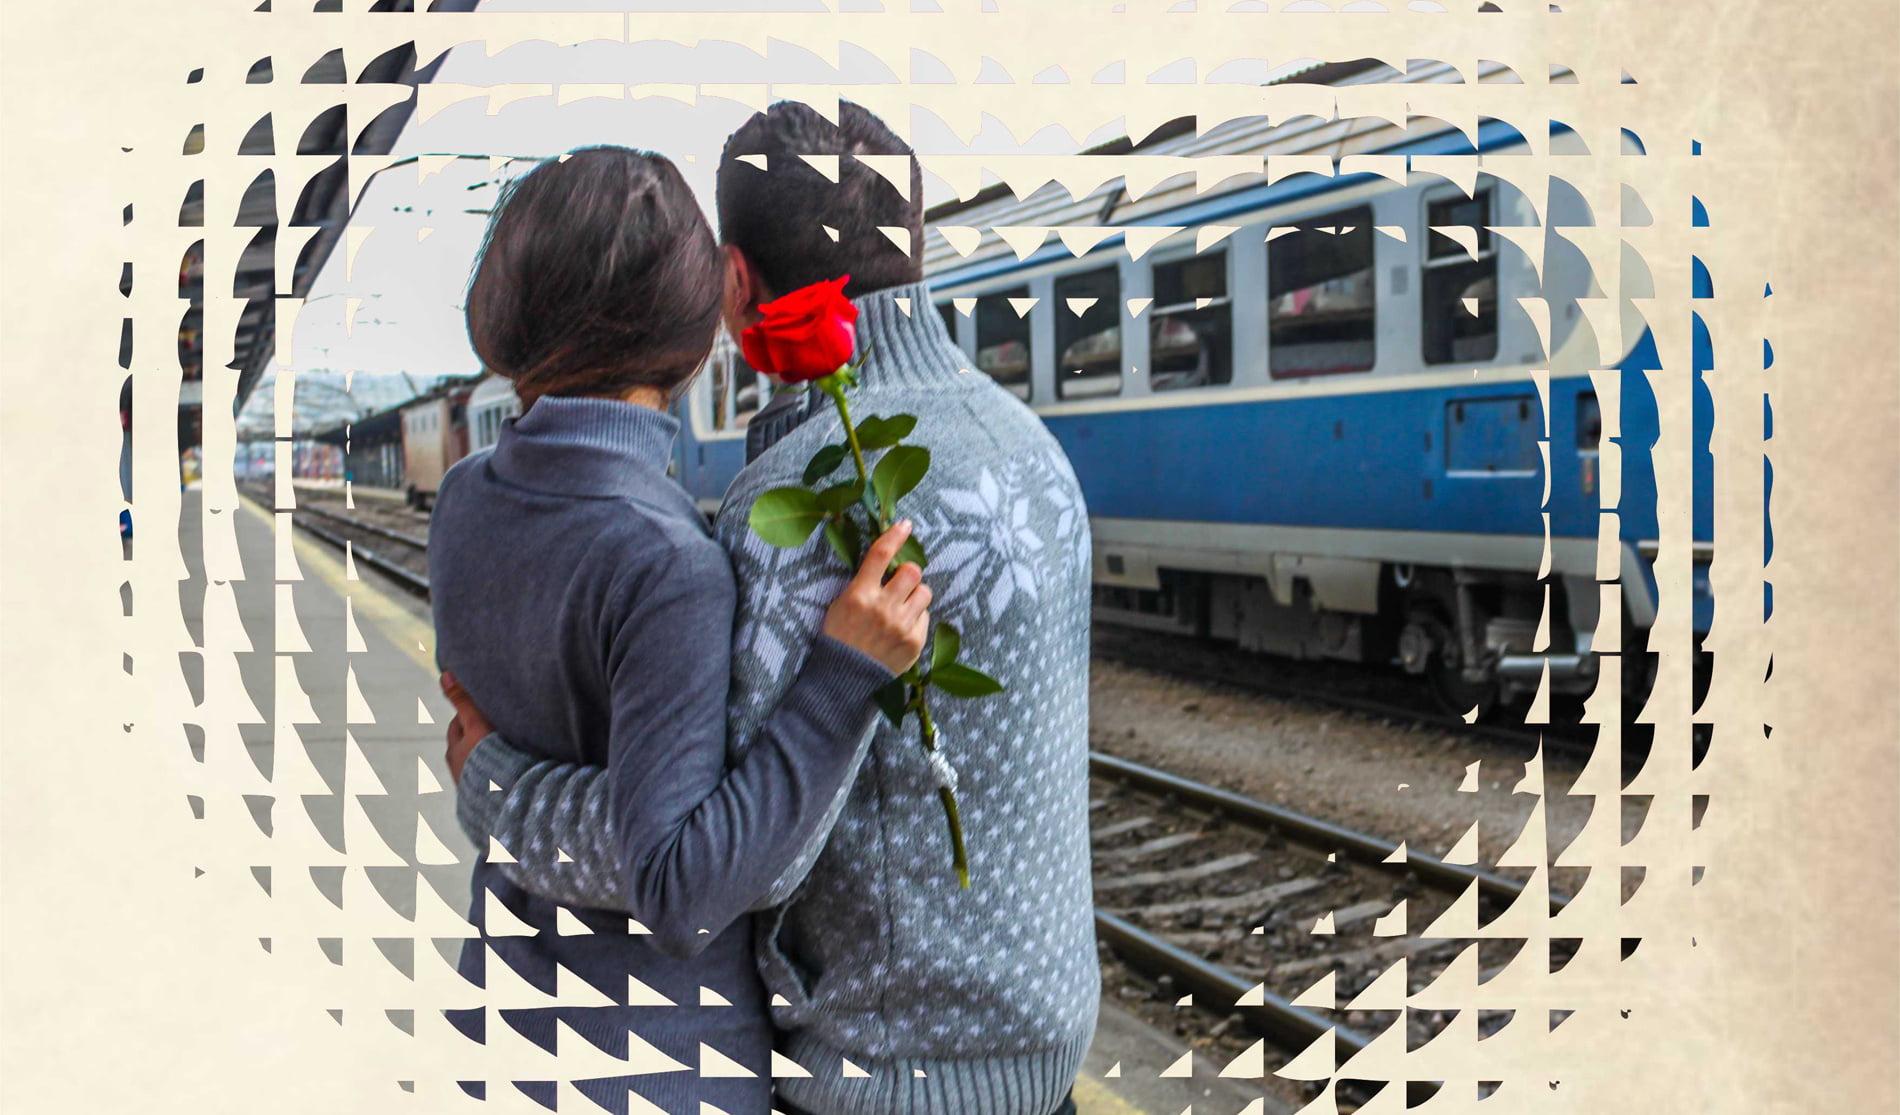 CFR anunță reduceri la biletele de tren, pentru îndrăgostiți, în luna februarie